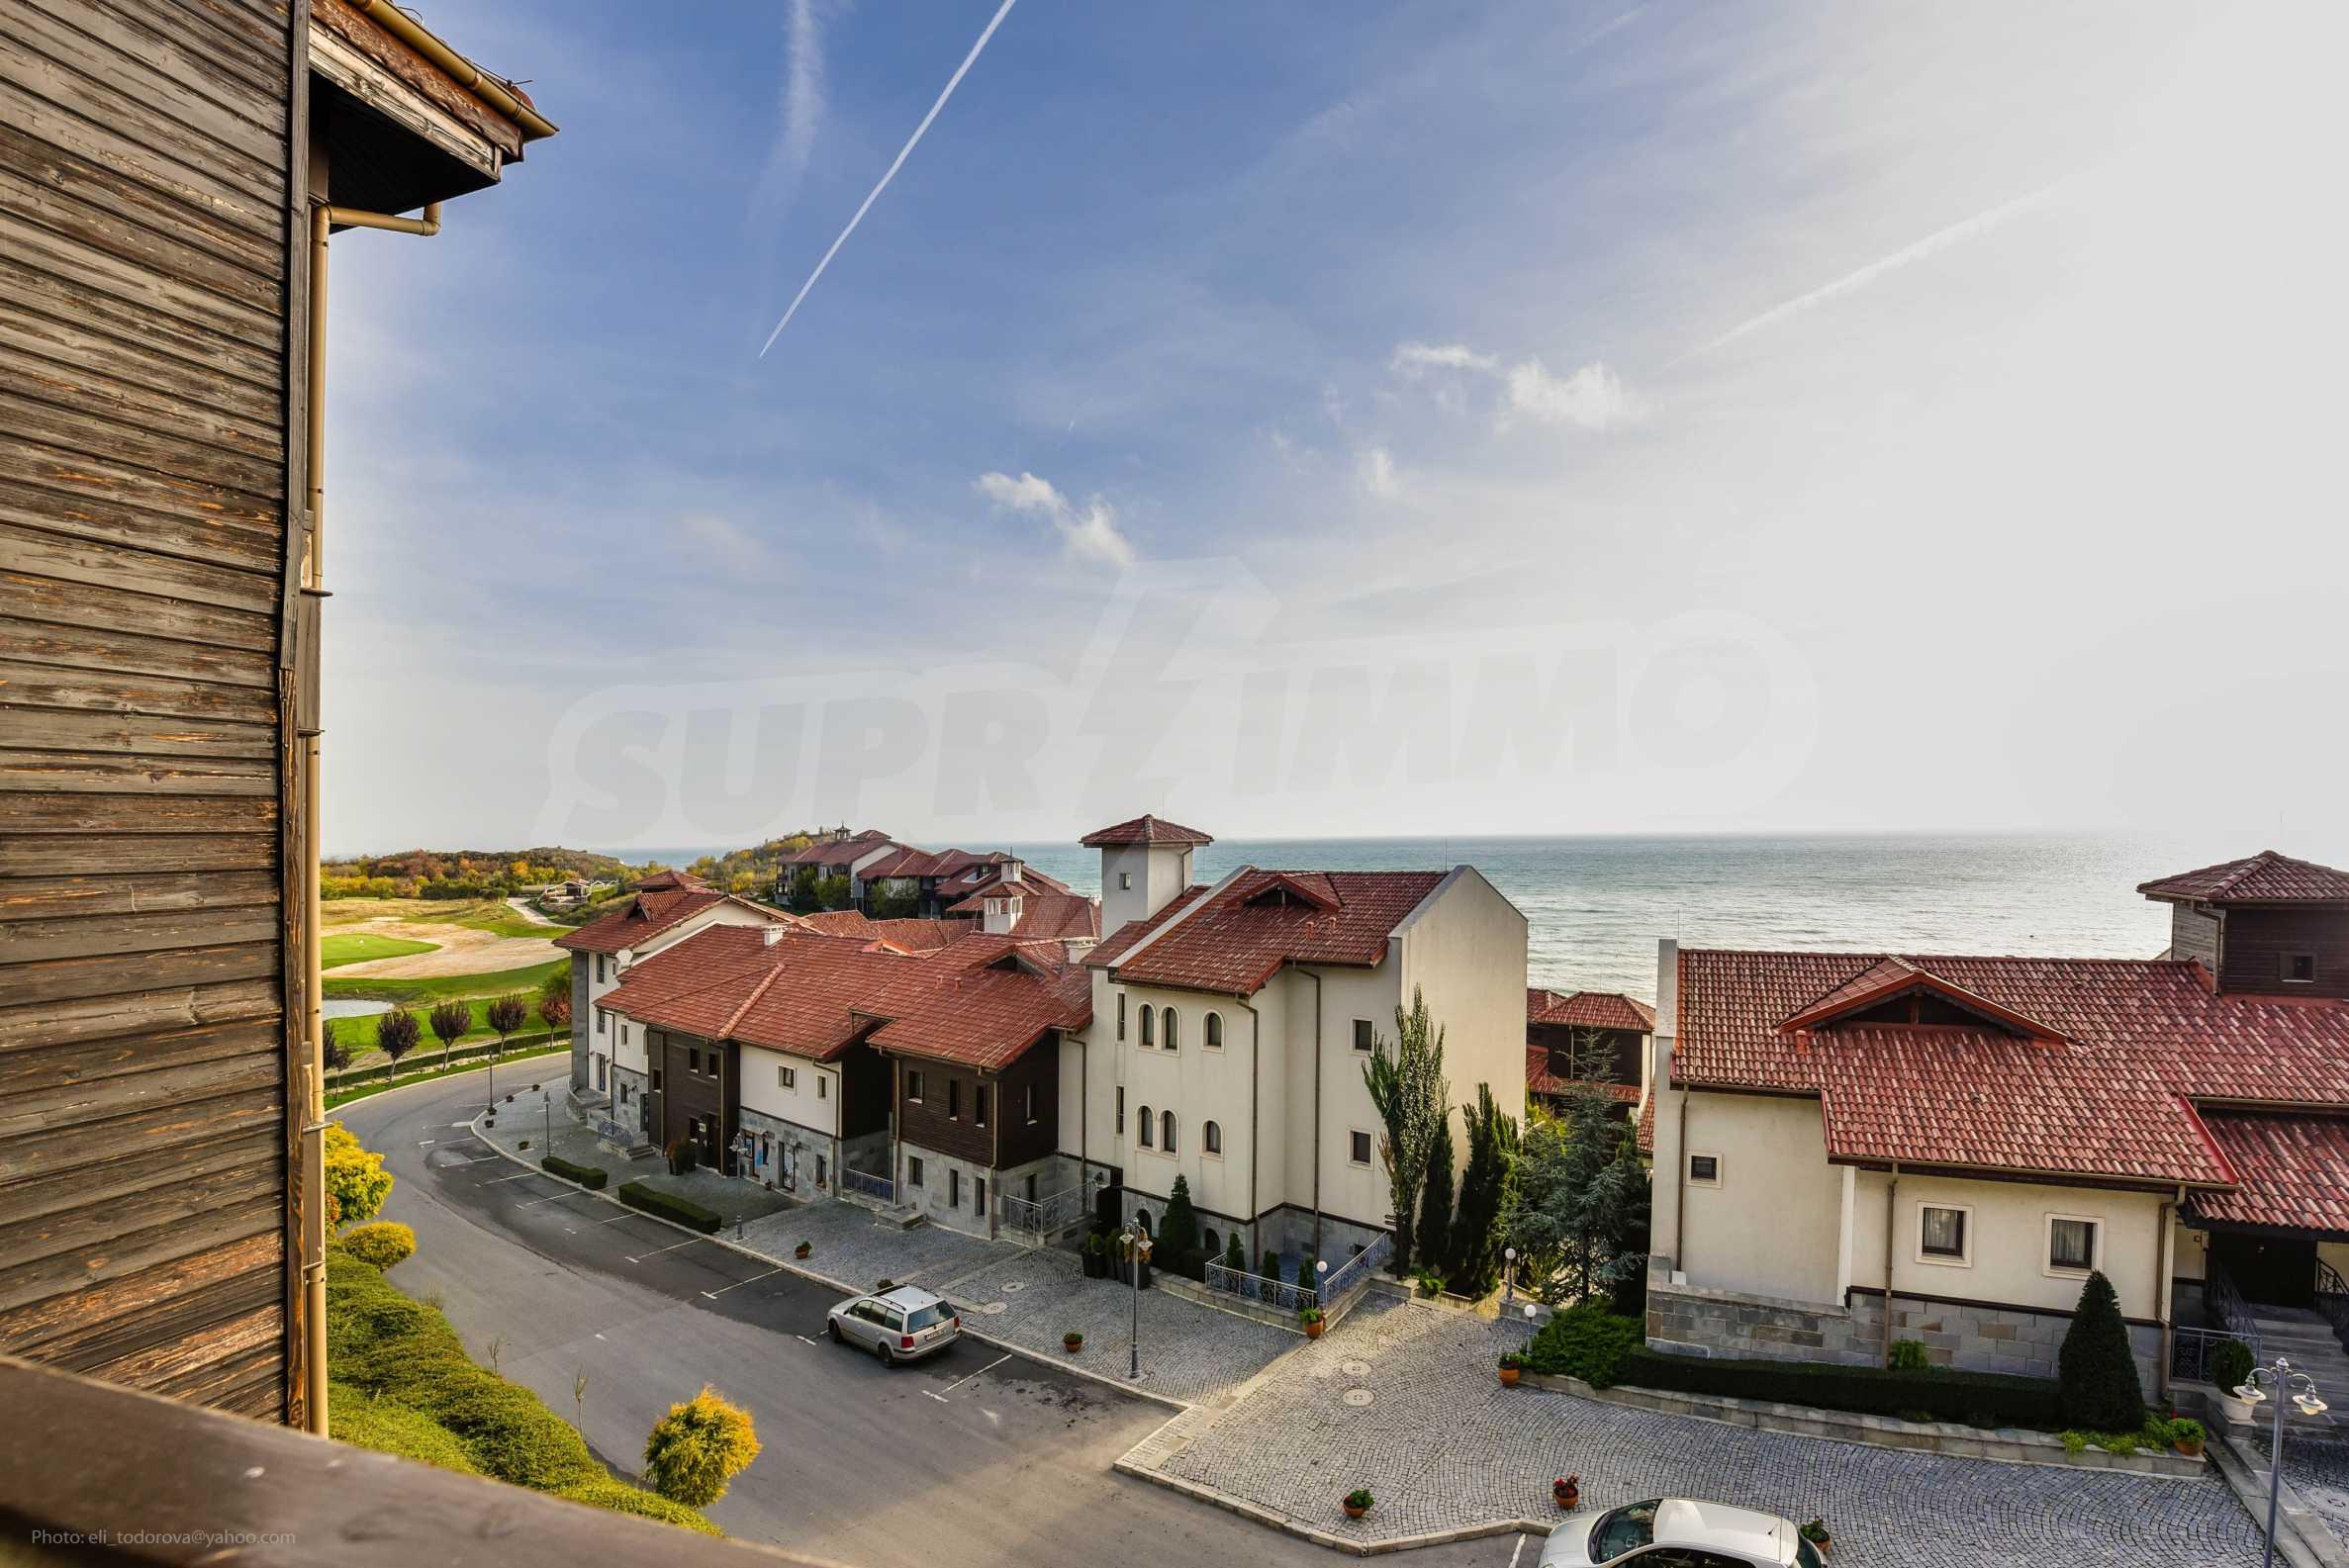 Thracian Cliffs Golf & Beach Resort - гольф-курорт мирового класса 7